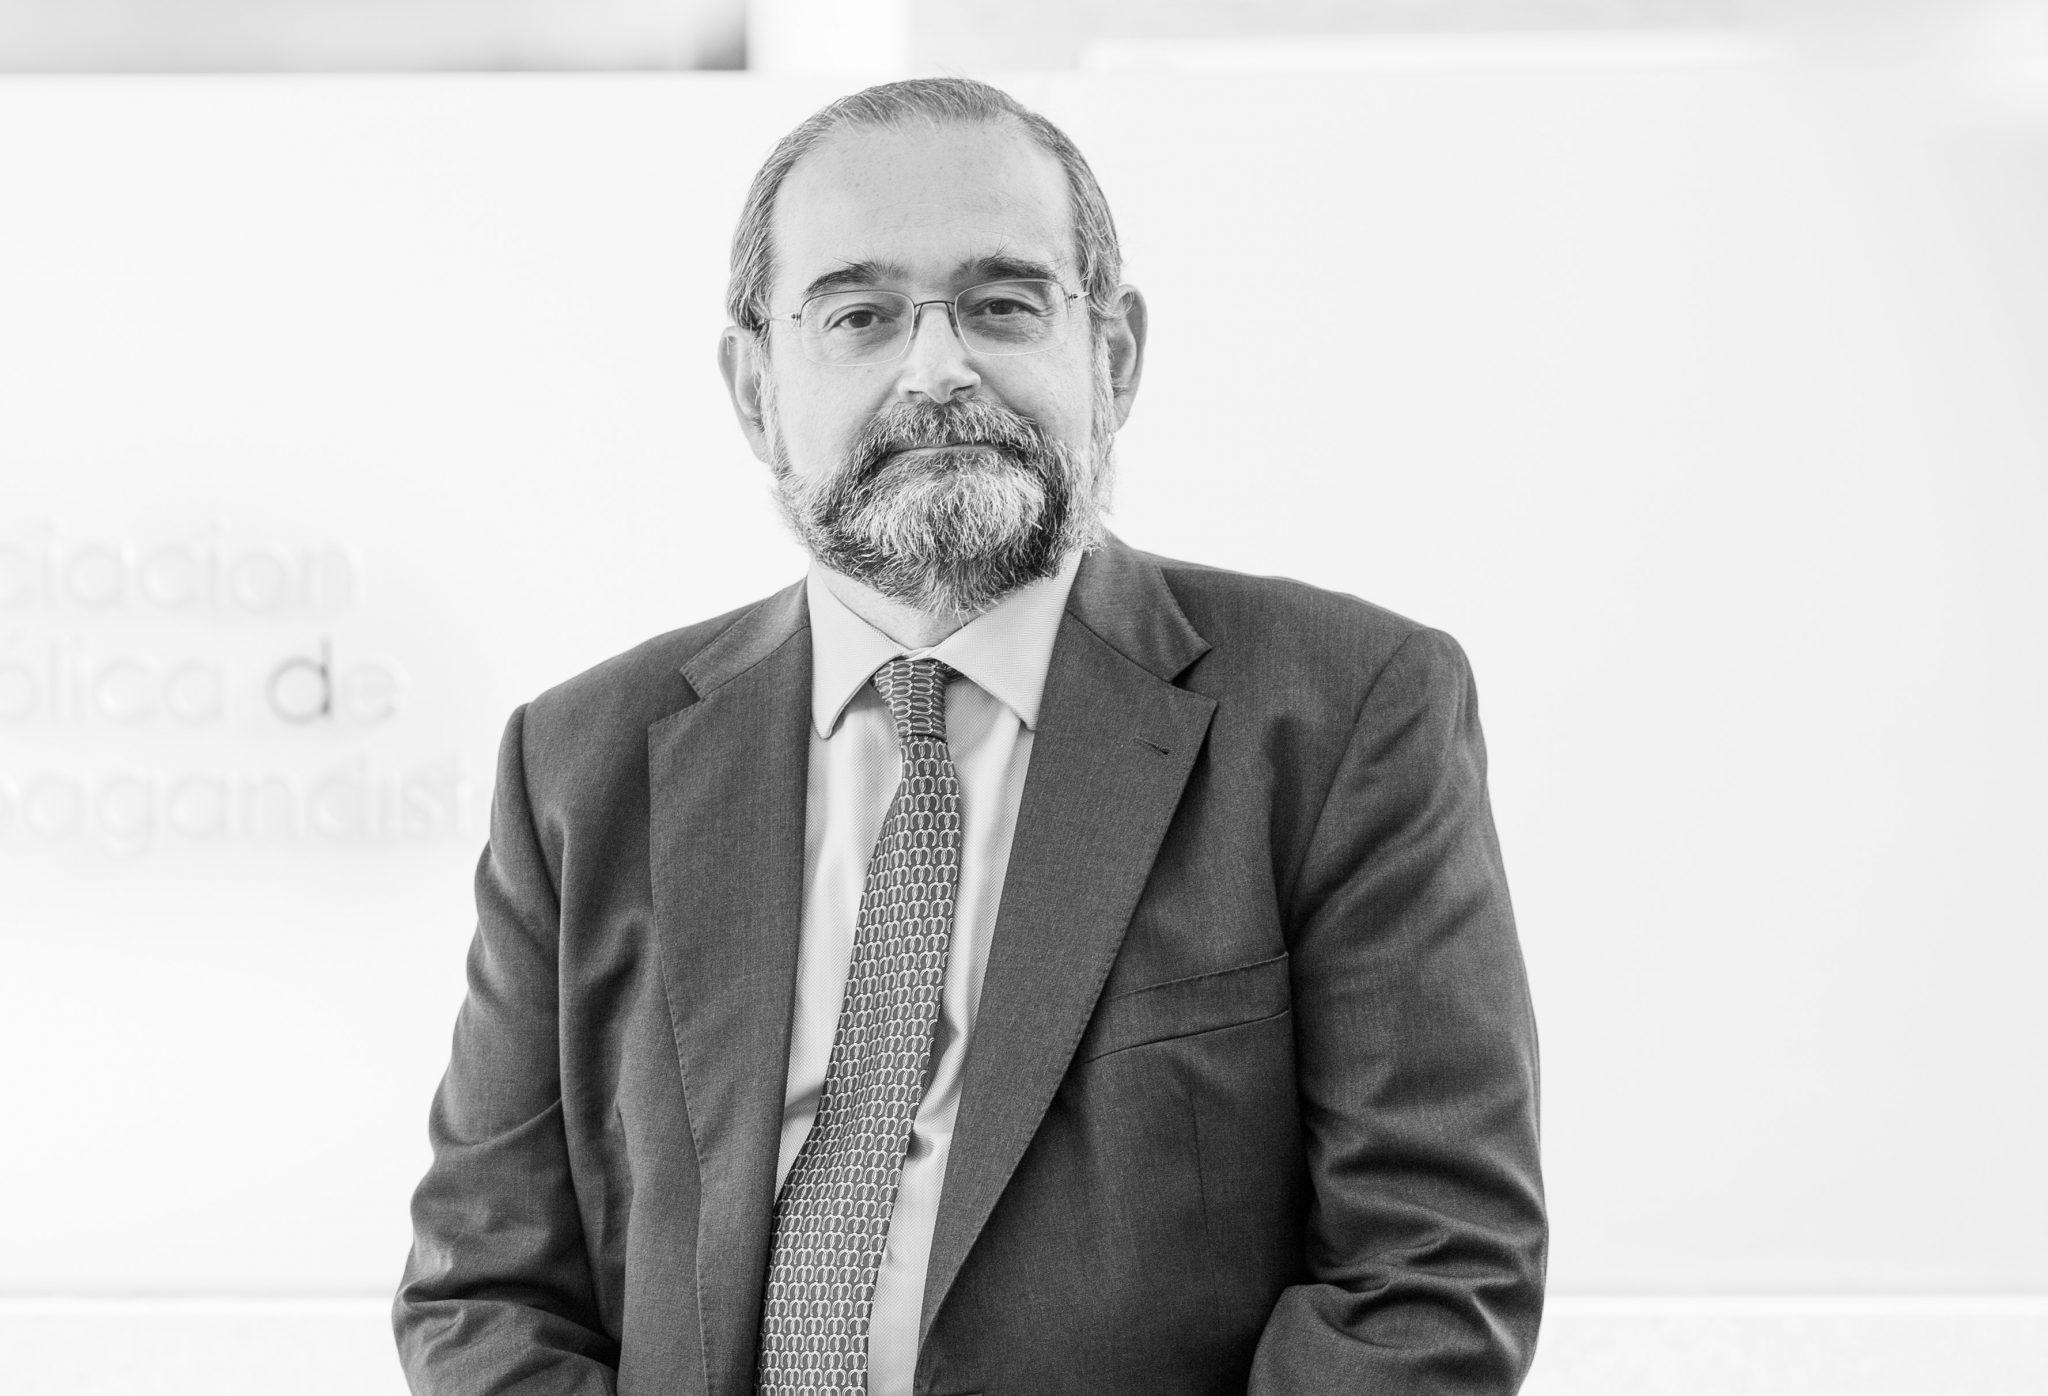 Alfonso Bullón de Mendoza y Gómez de Valugera, Presidente de la Fundación Universitaria San Pablo CEU